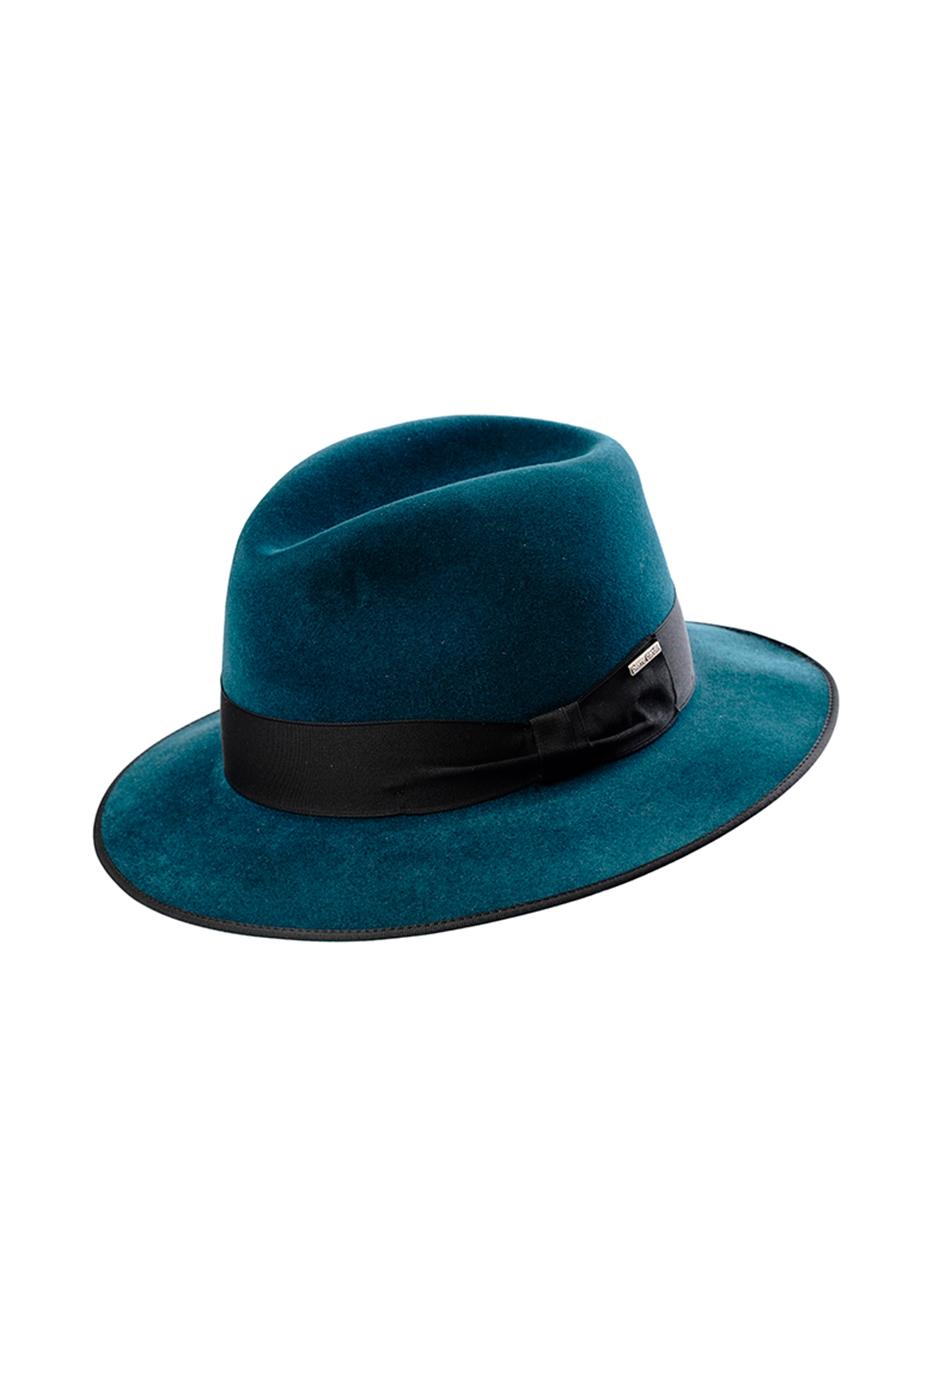 Шляпа мужская Pierre Cardin BARON PC-1005-6003 изумрудная